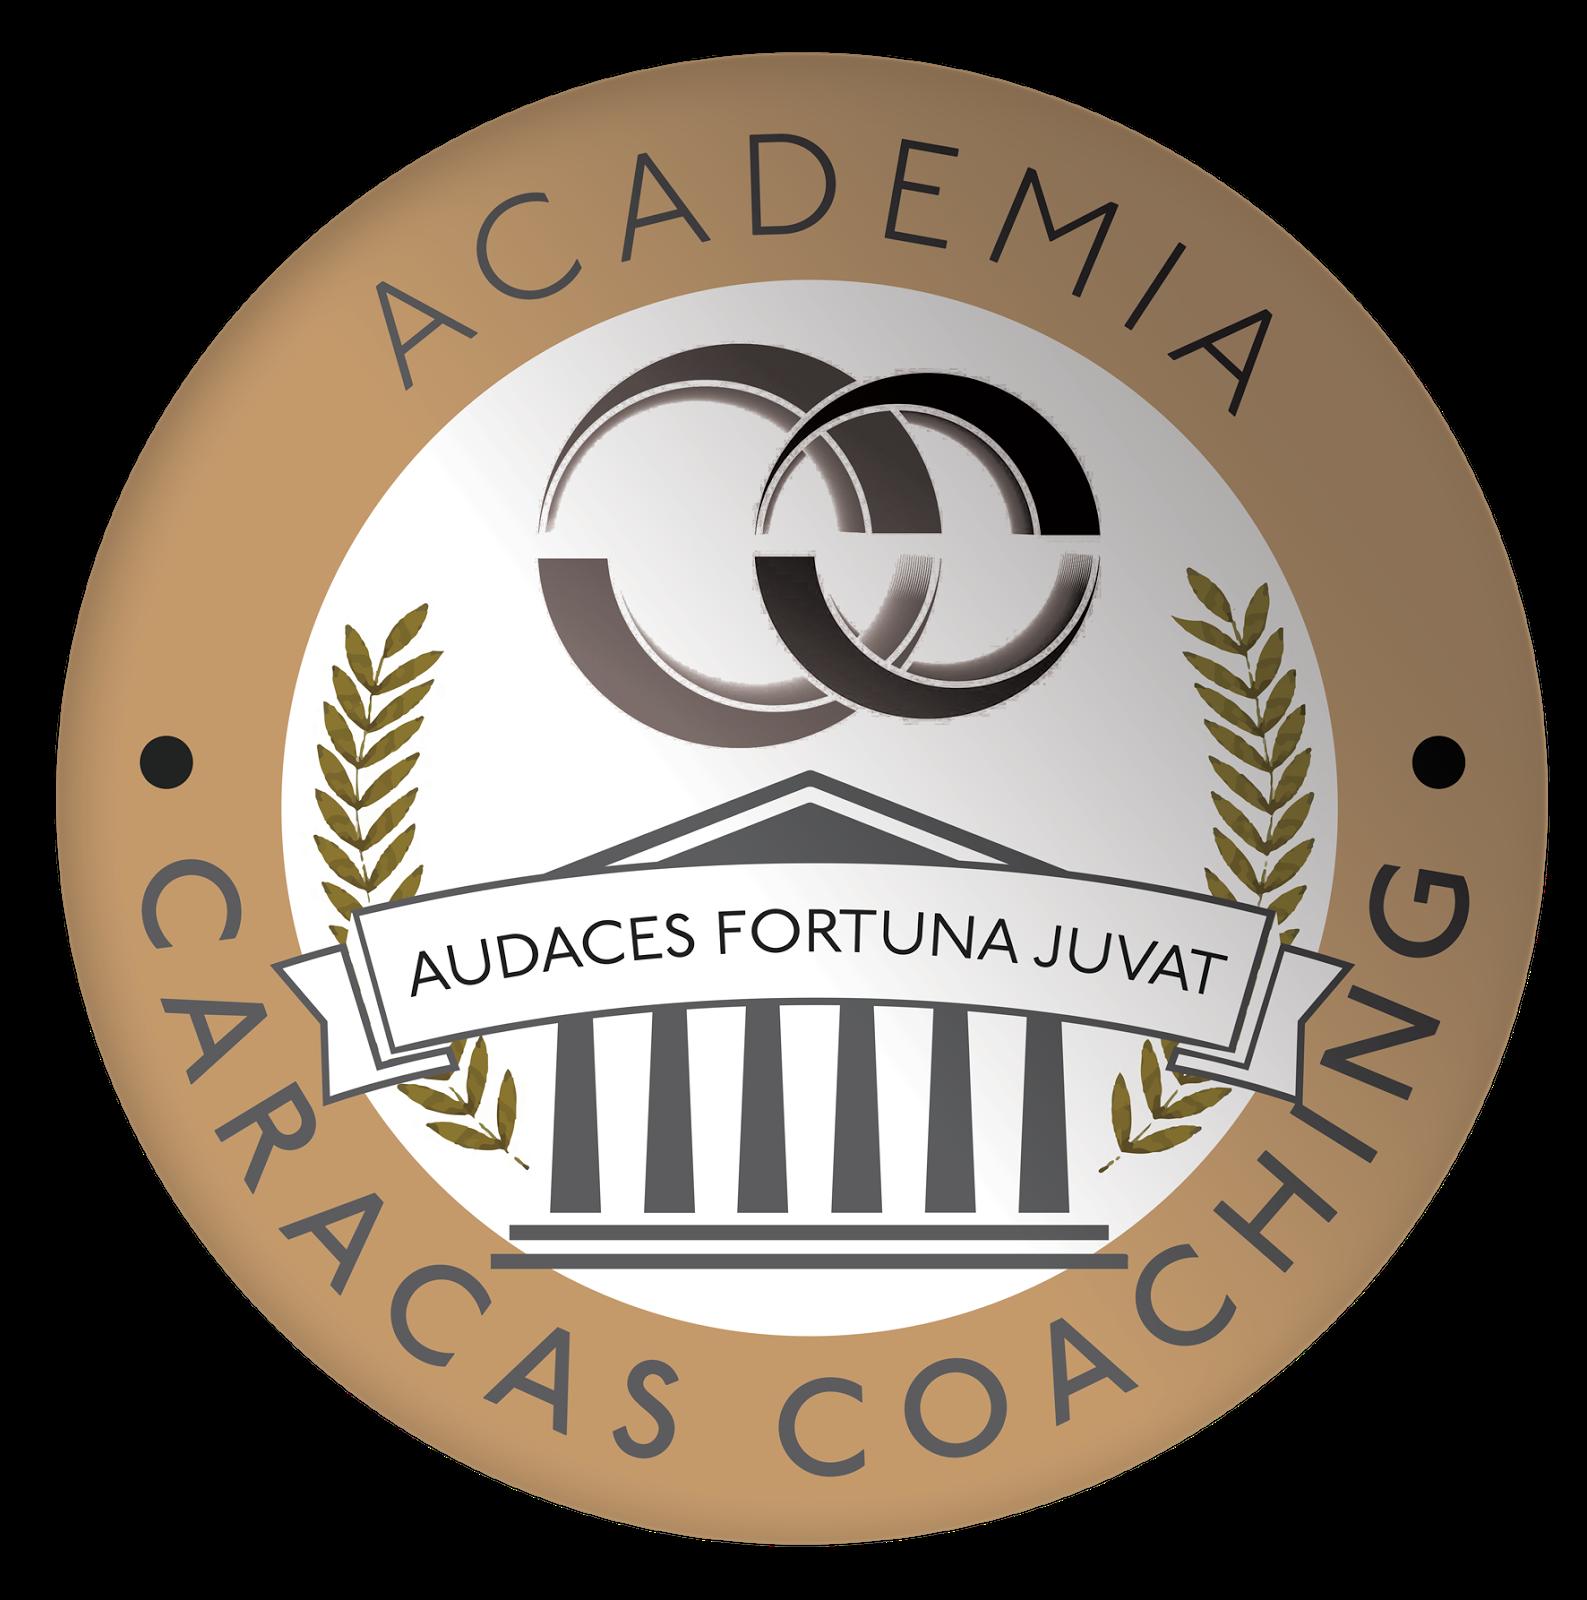 Caracas Coaching